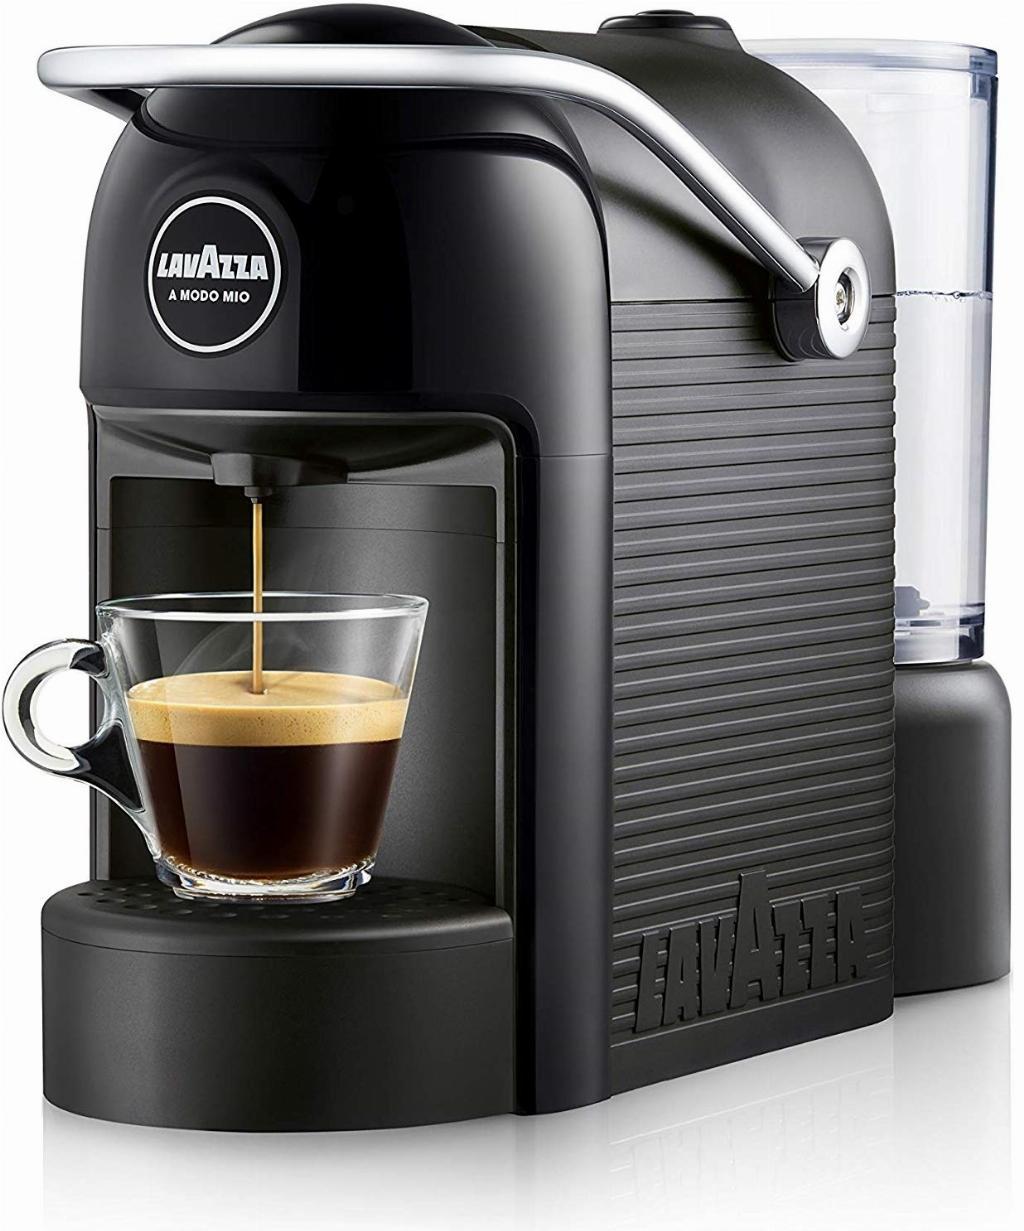 Lavazza Jolie Automatica/Manuale Macchina per caffè a capsule 0,6 L